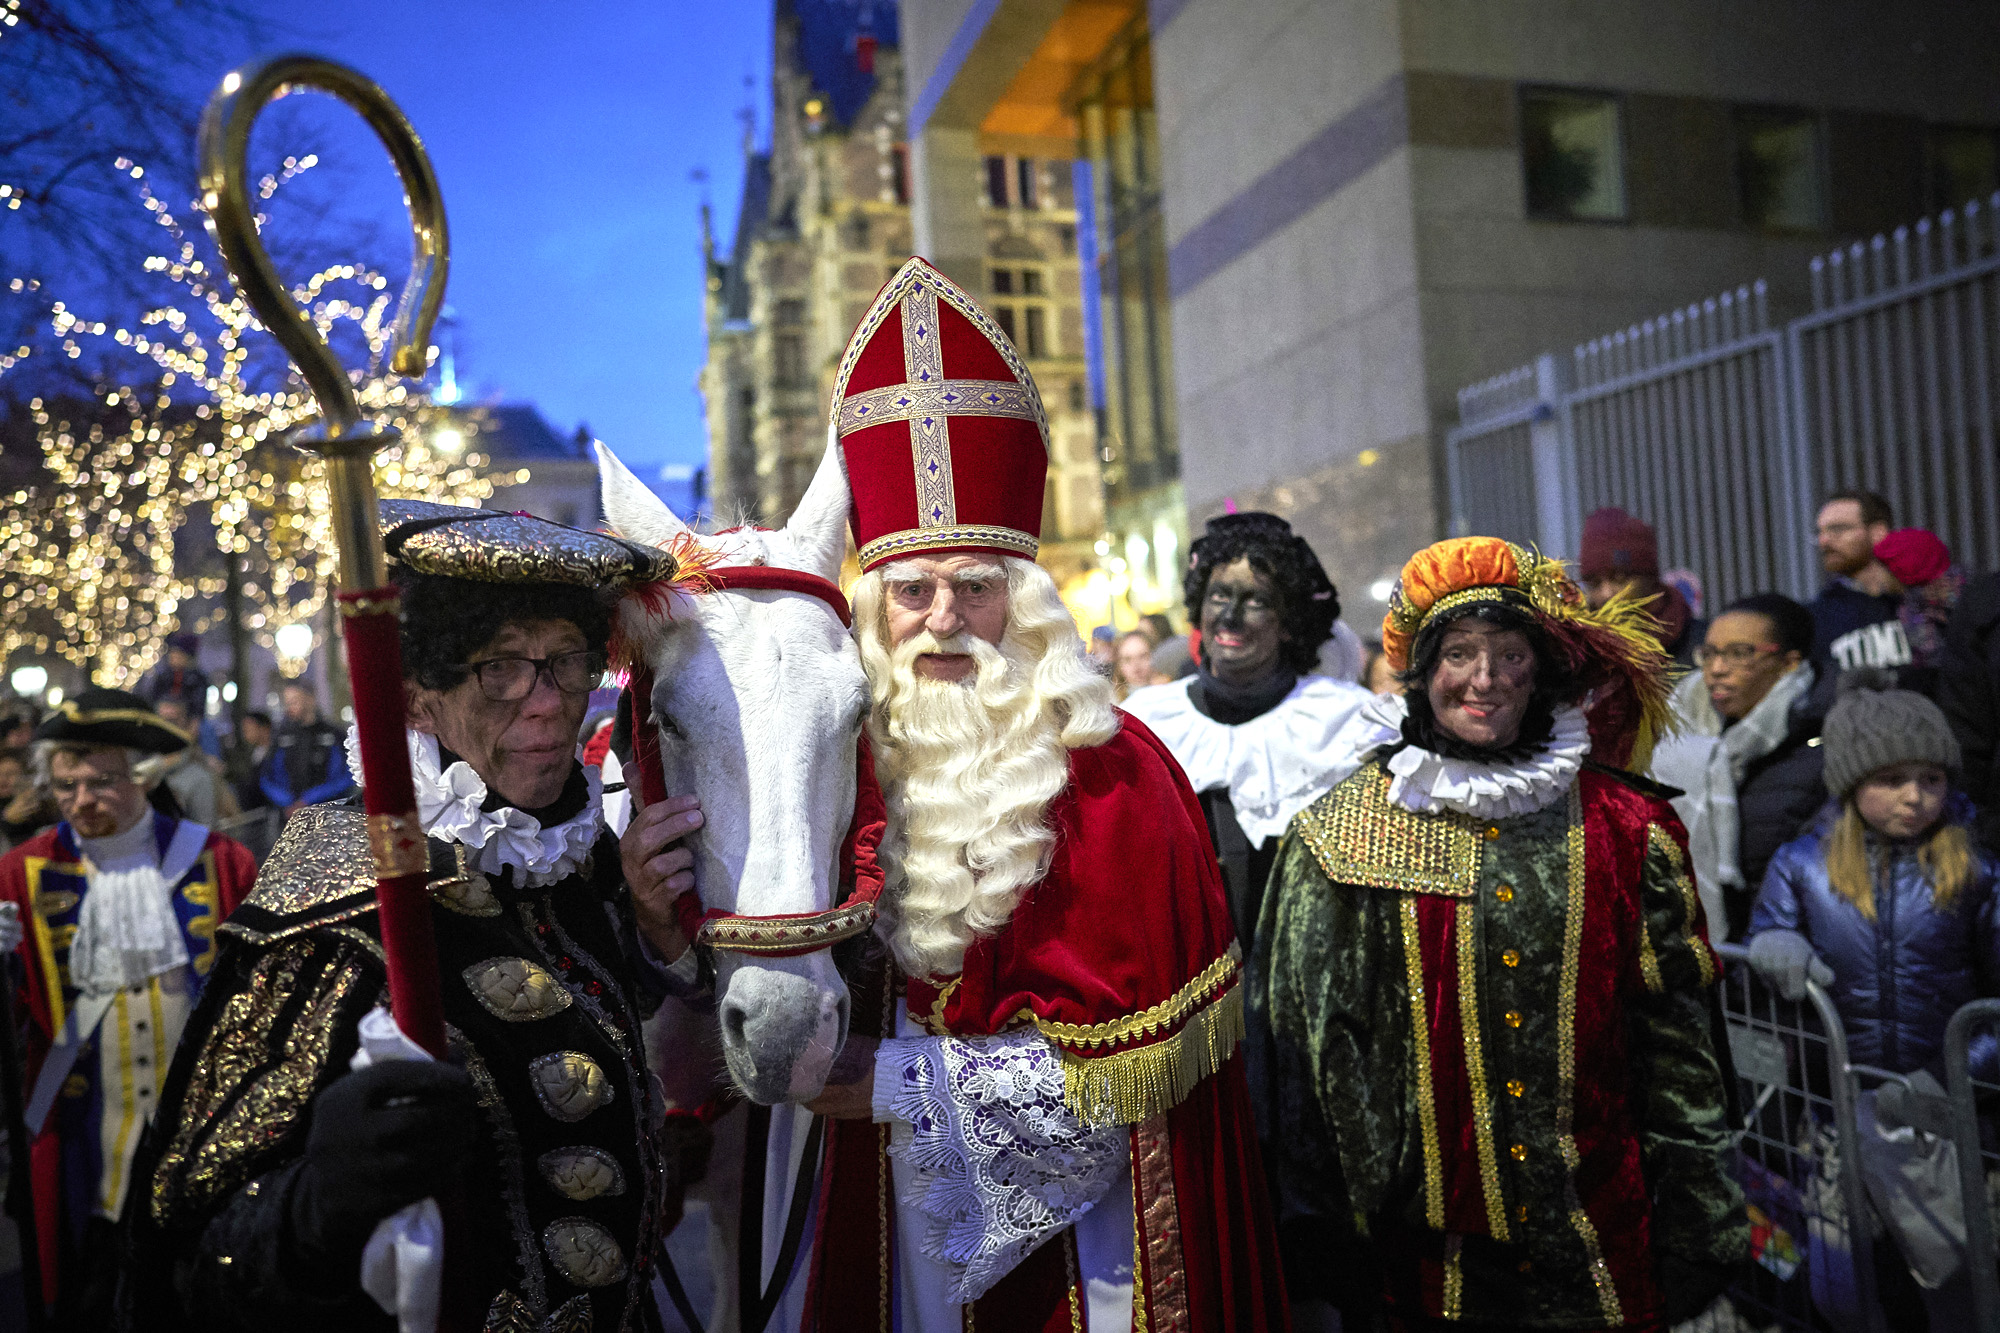 Op de foto Sinterklaas bij een intocht met een roetveegpiet